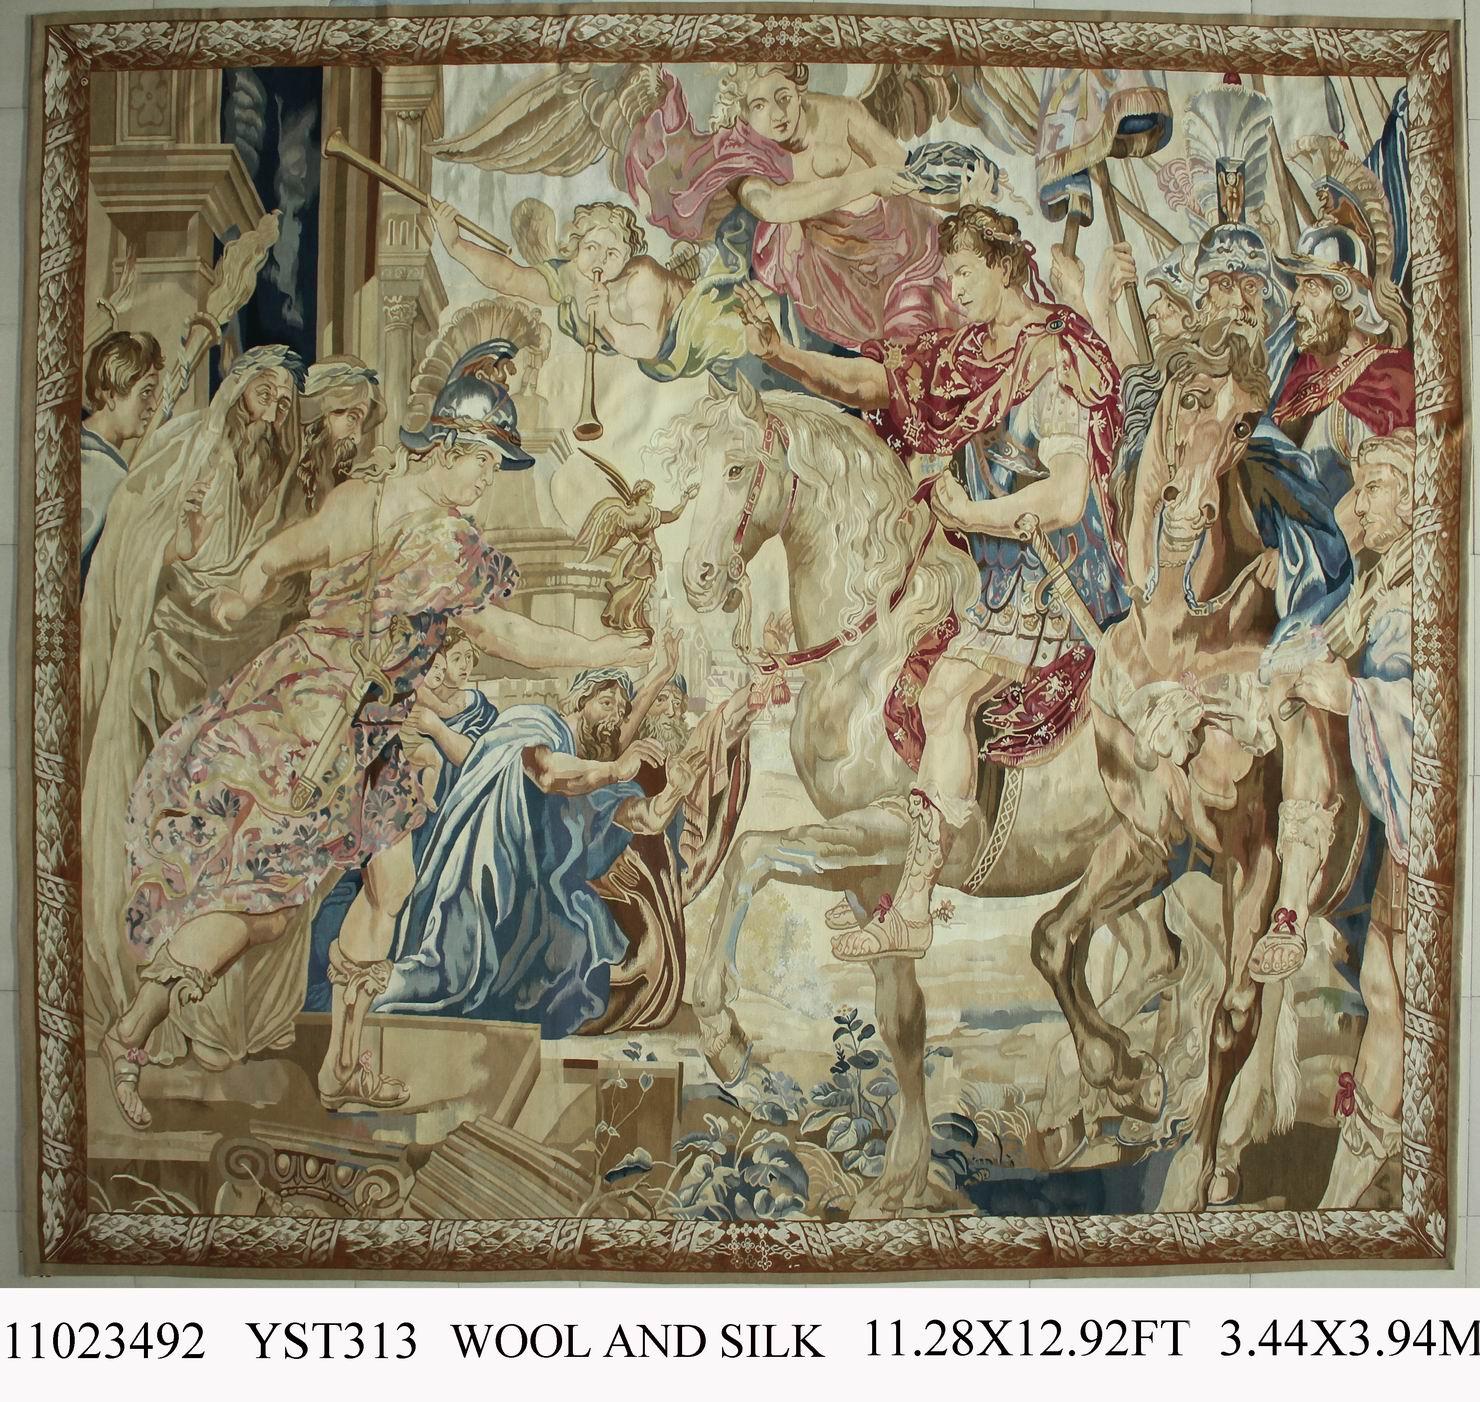 Чистый Ручная работа; вязаное; шерстяное дворец Французский Aubusson гобелены ткань Гобелены широкий (335 см) 11023492 11.28x12.92gc88tapyg4